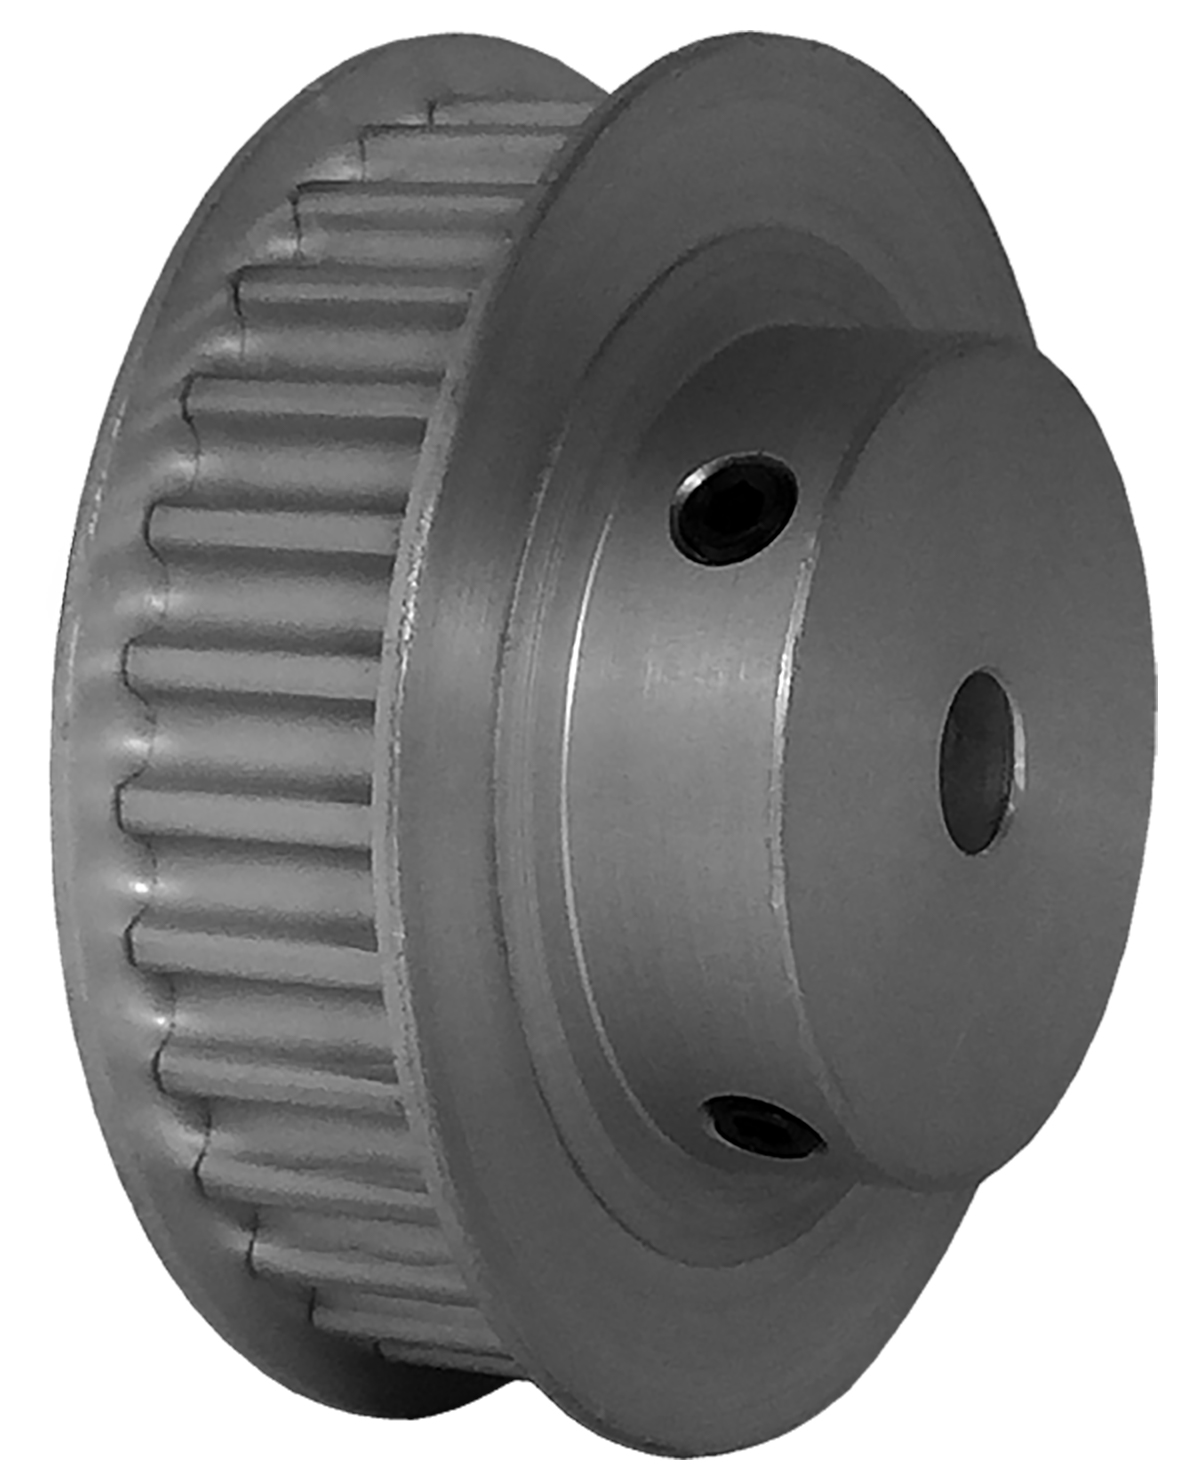 30-5P09-6FA3 - Aluminum Powerhouse® Pulleys